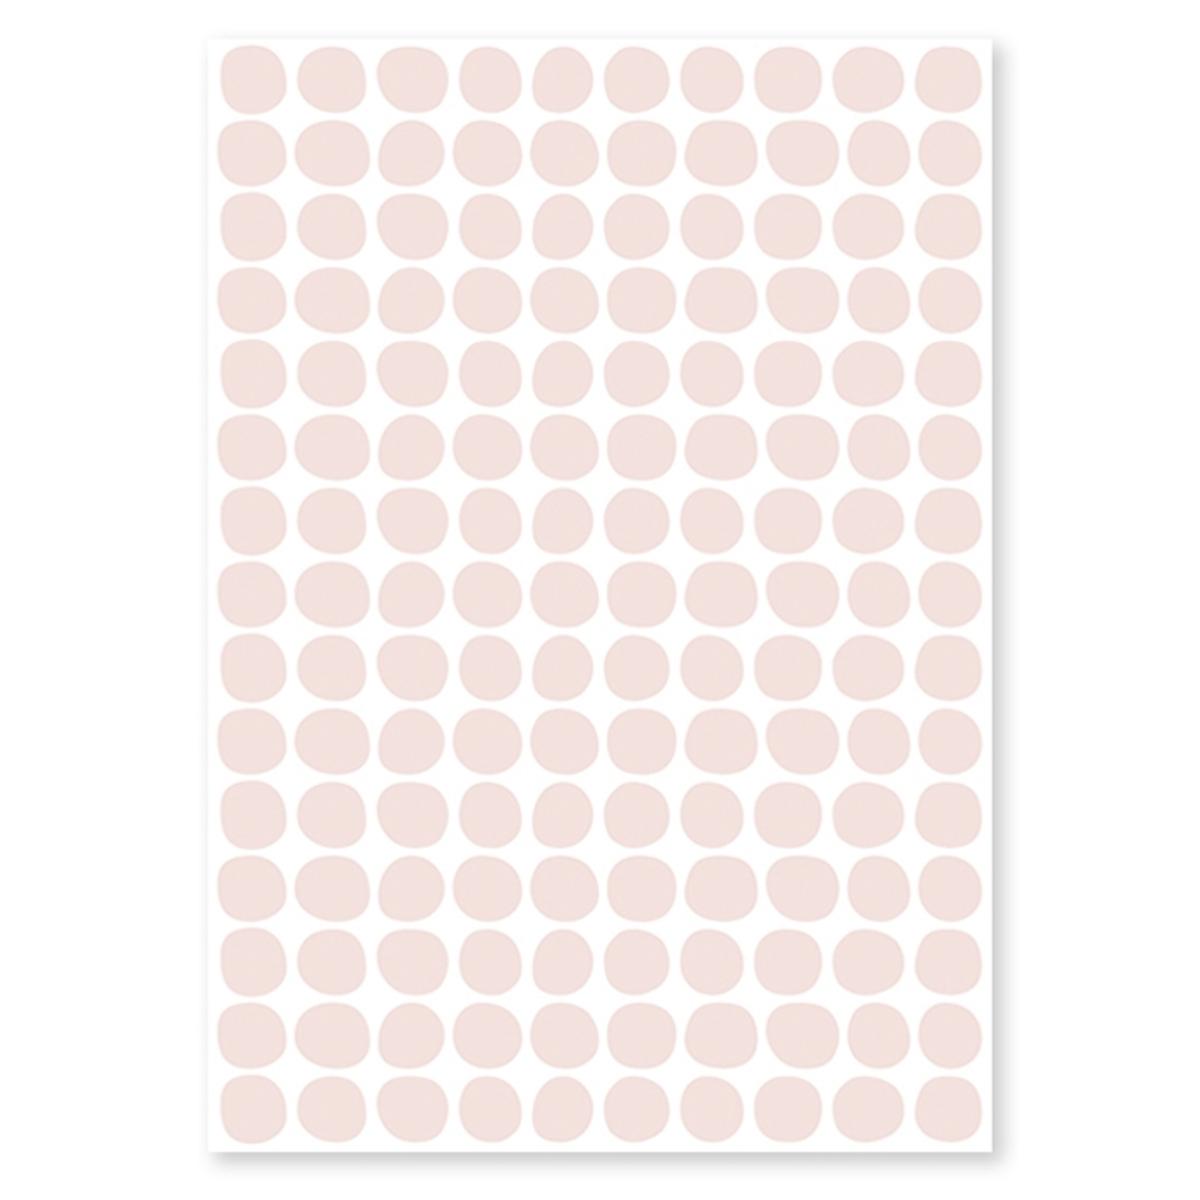 Sticker Planche de Stickers - Pois Rose Pearl Planche de Stickers - Pois Rose Pearl